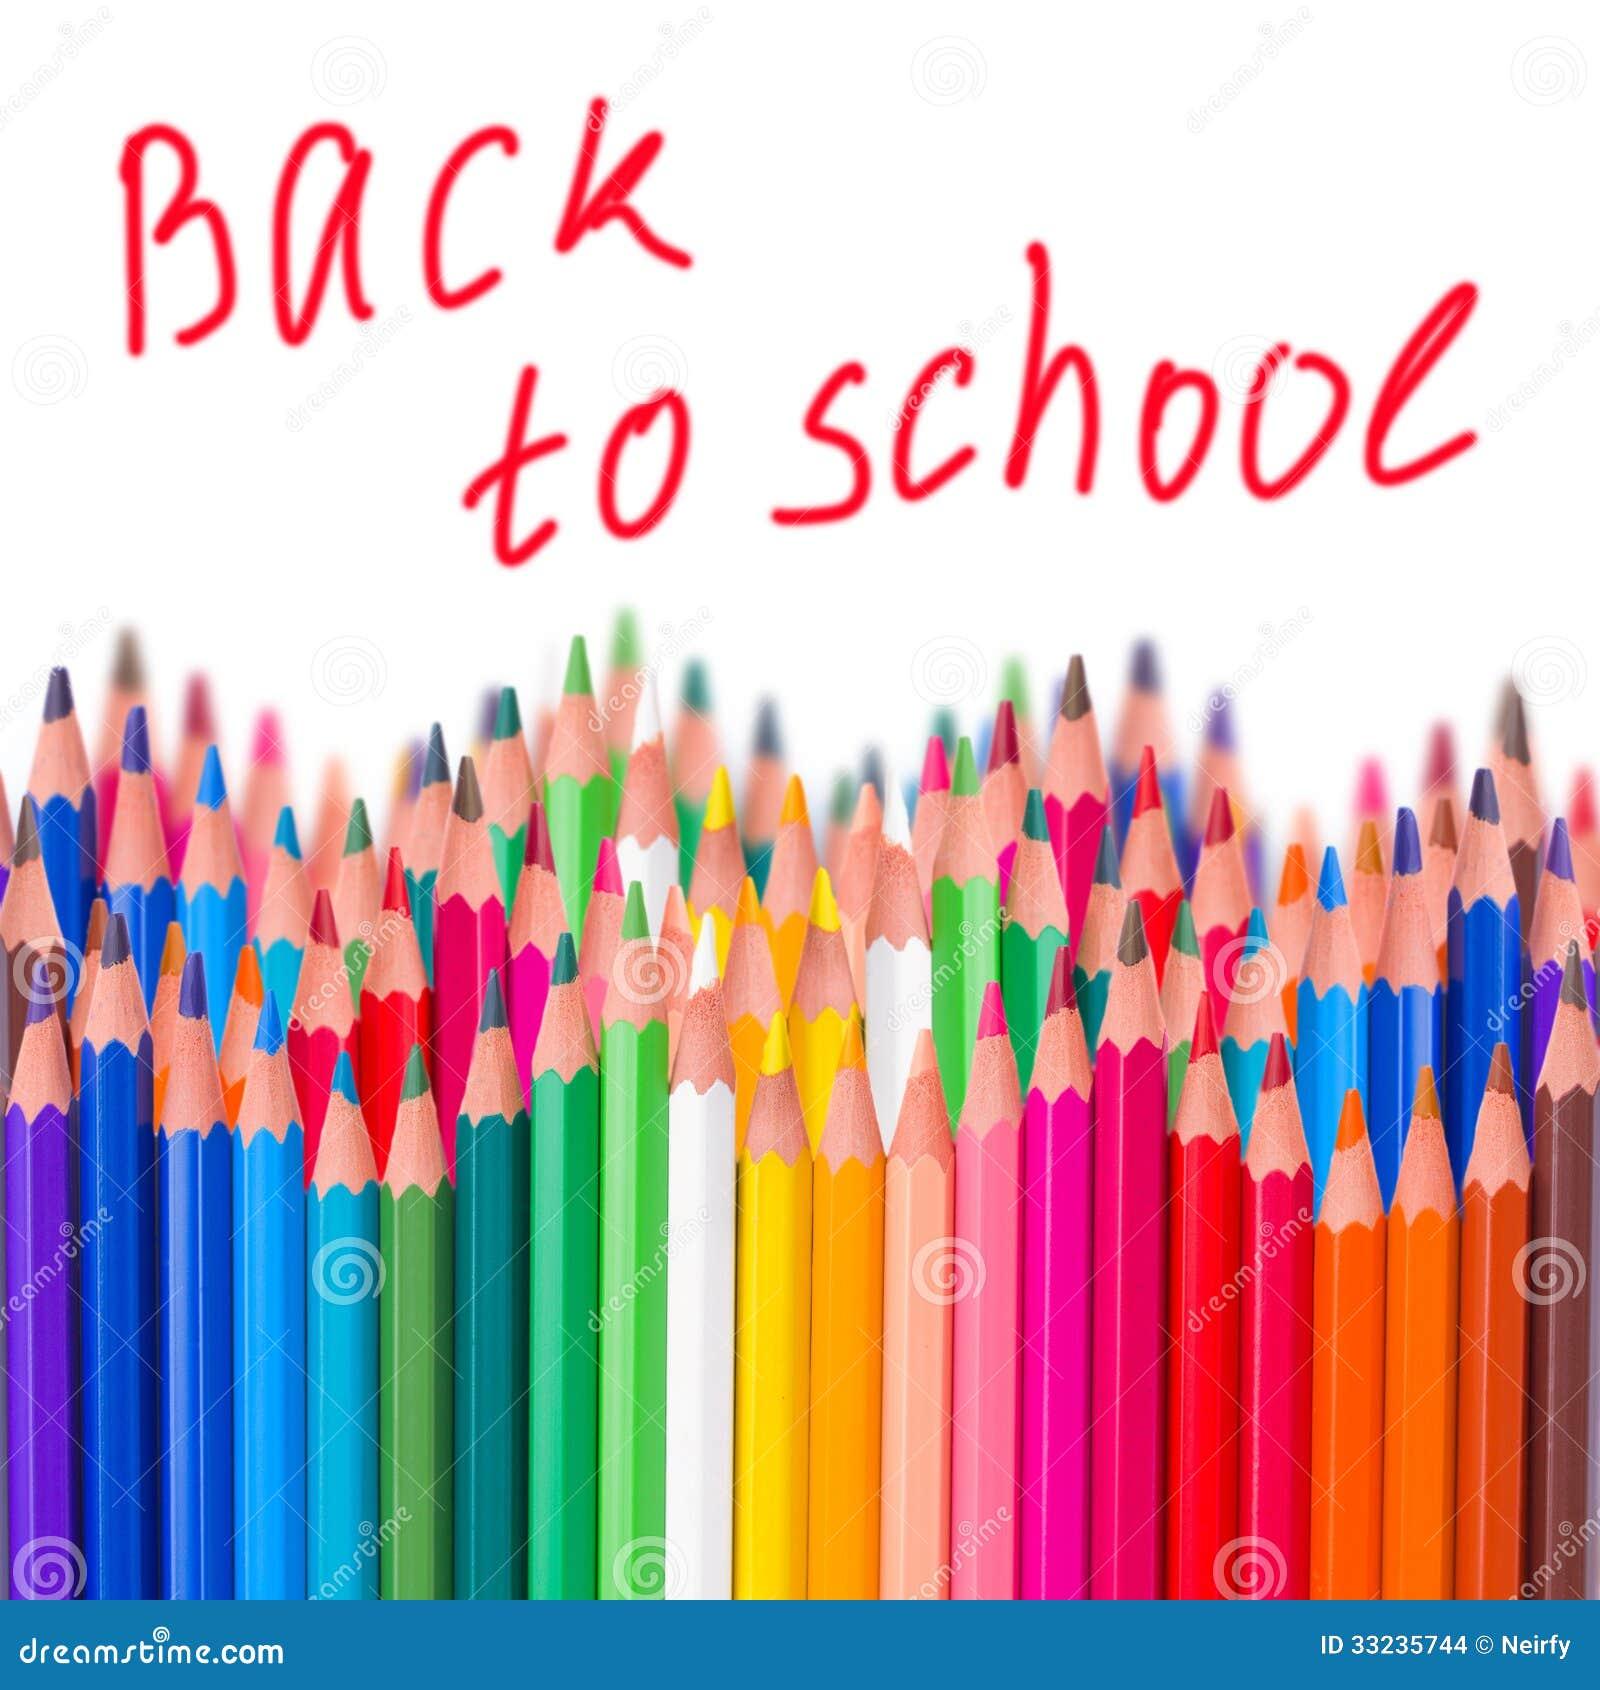 back to school border stock images image 33235744. Black Bedroom Furniture Sets. Home Design Ideas